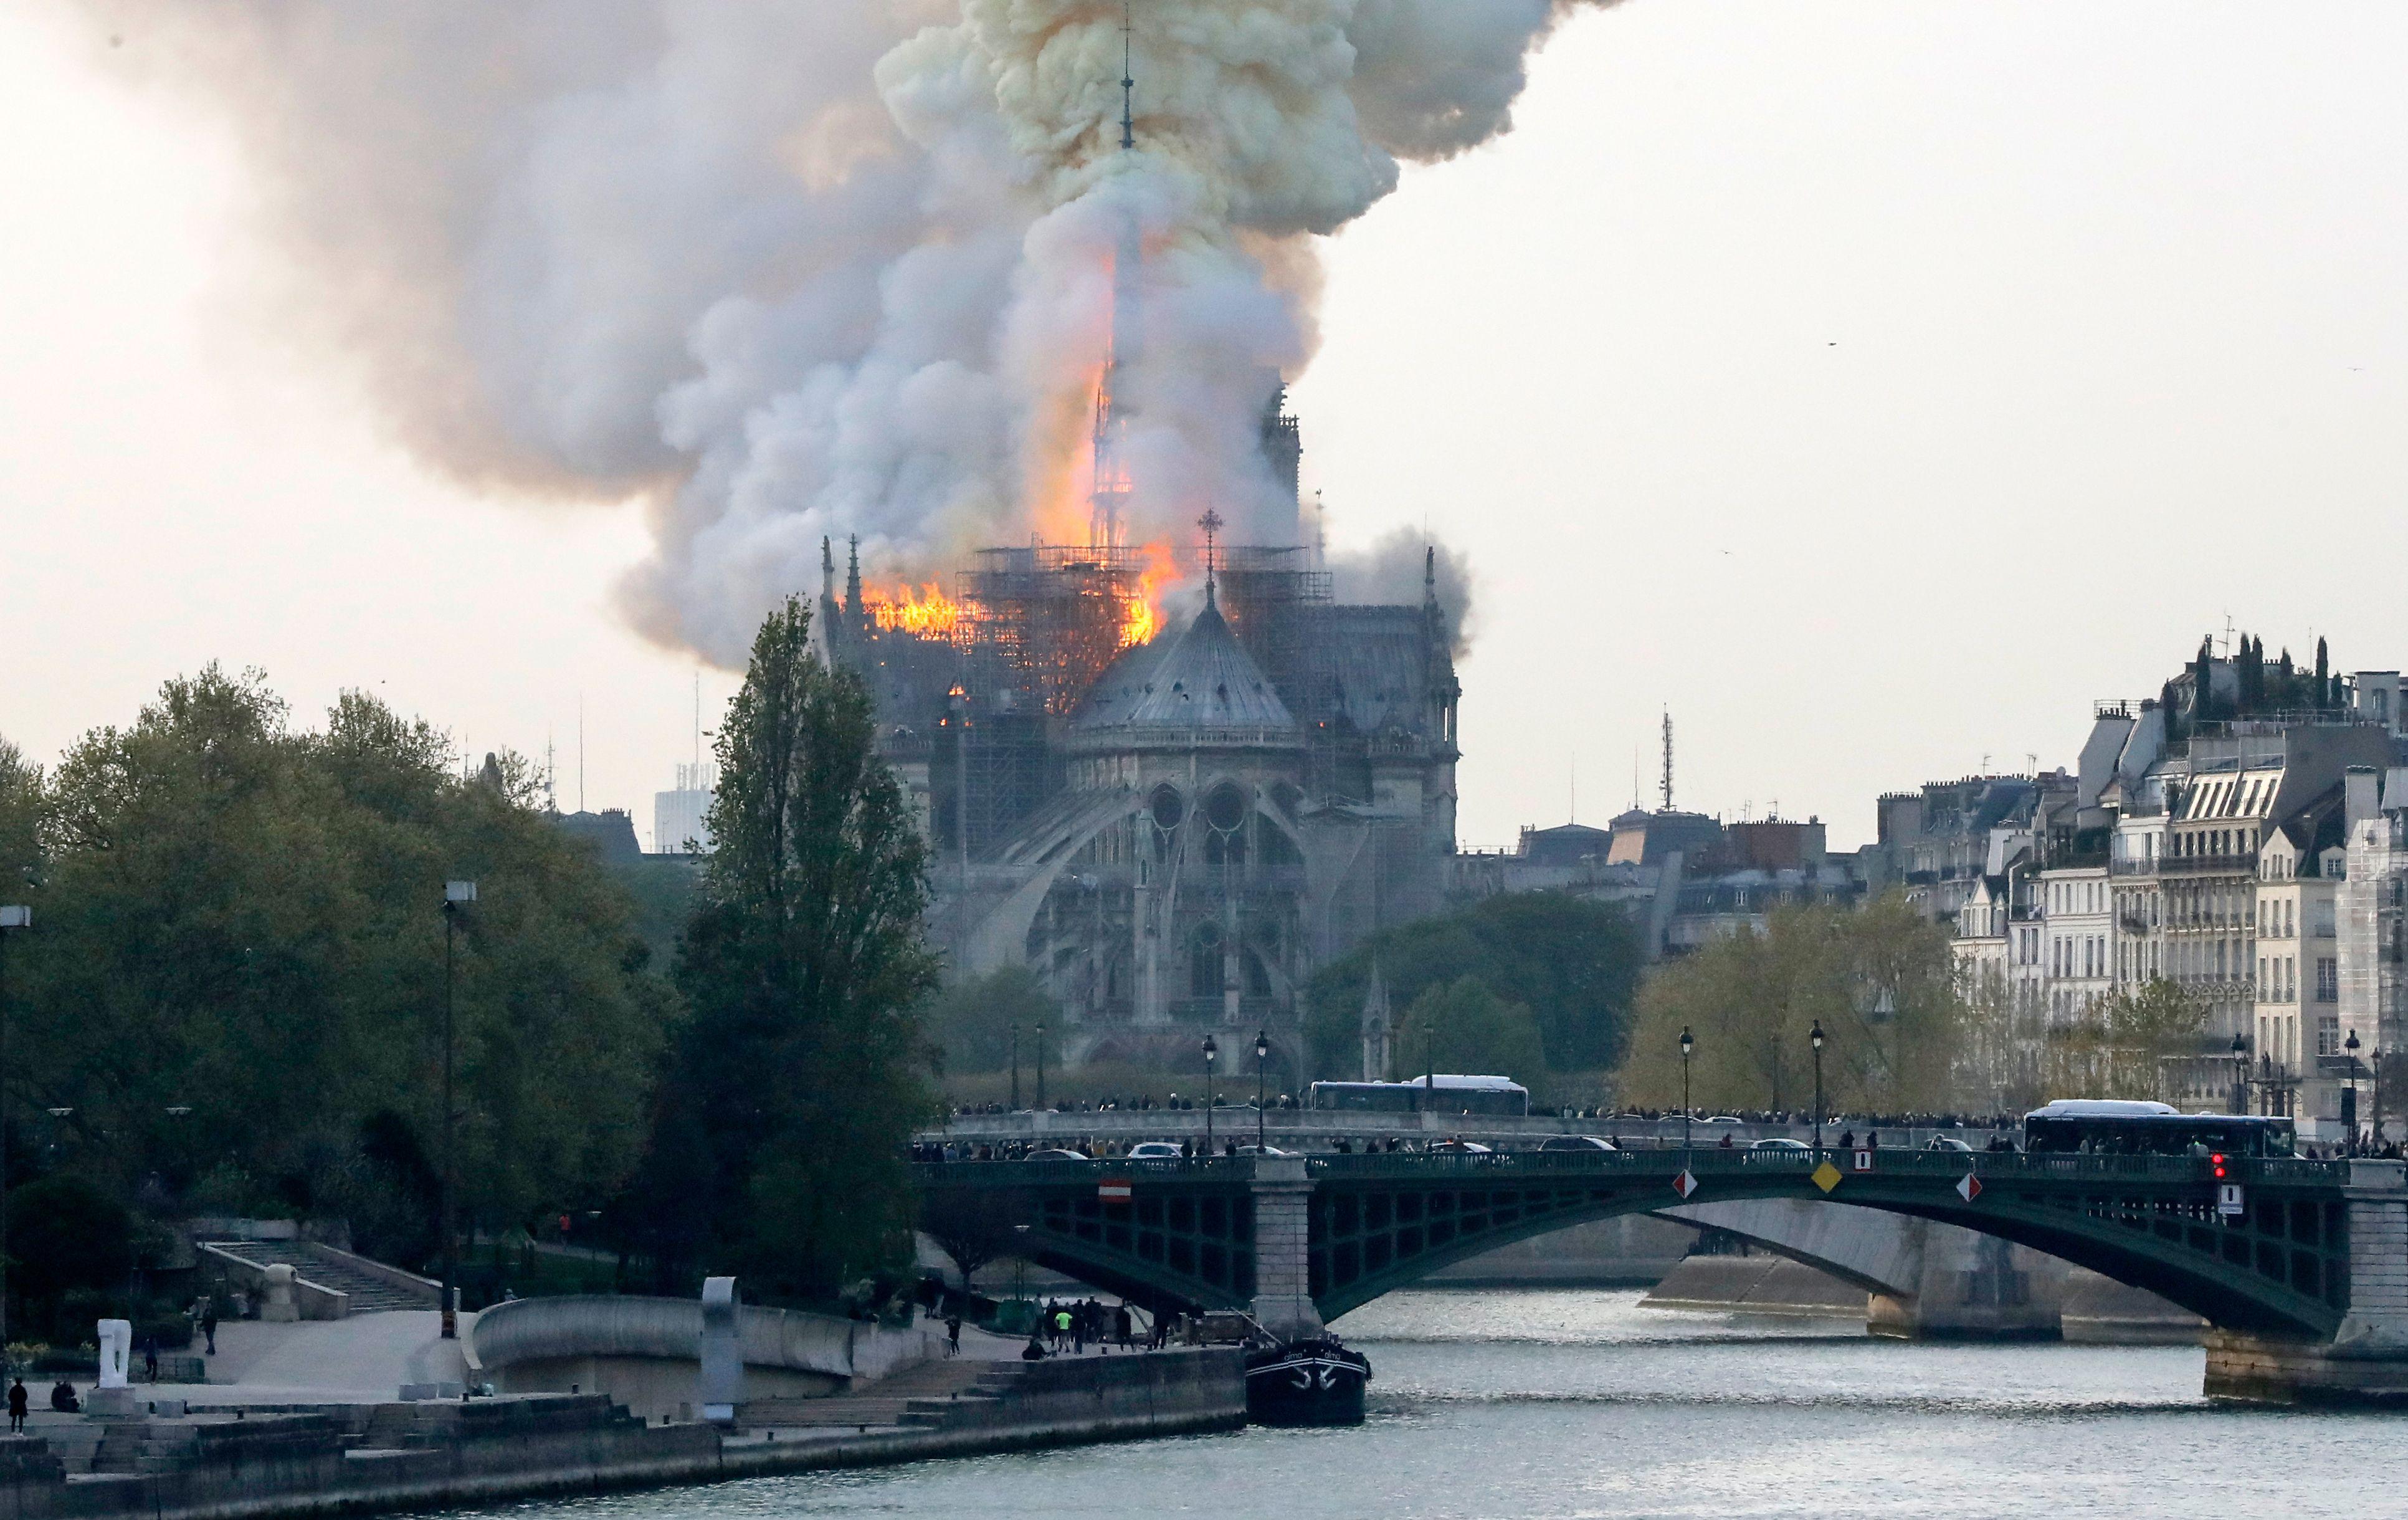 La policía ha acordonado la zona y está desalojando a los numerosos turistas que se encontraban dentro de la catedral. Foto Prensa Libre: AFP